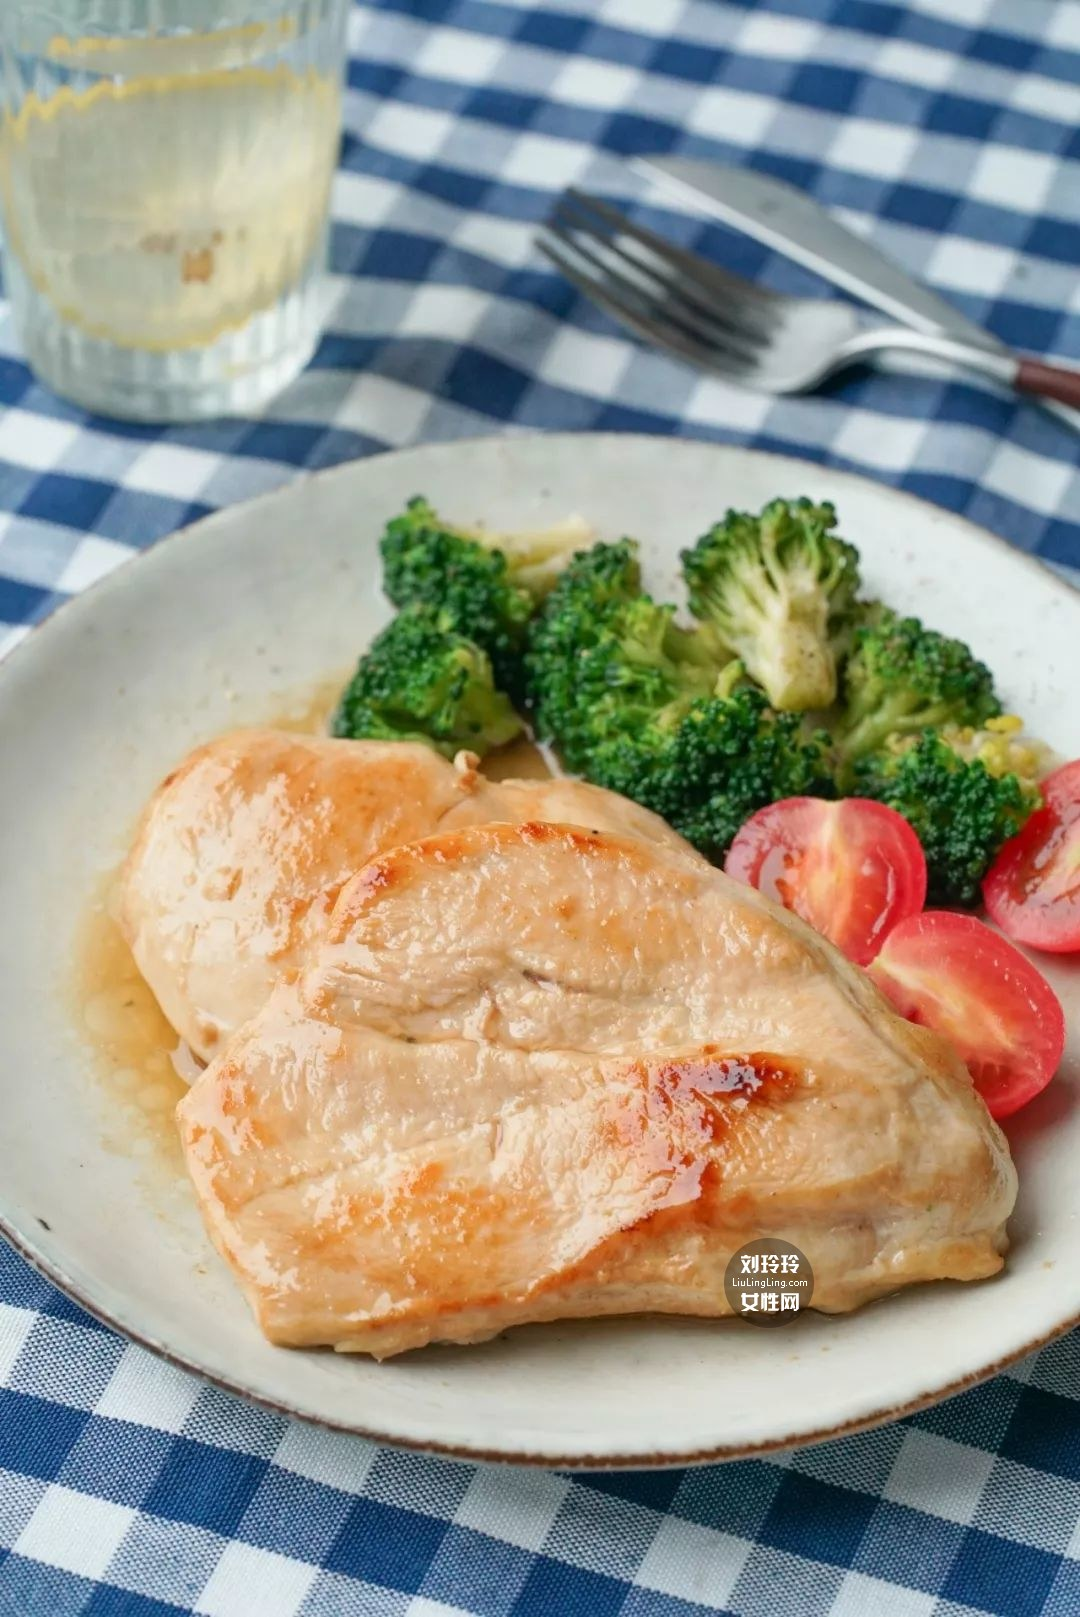 雞胸肉的家常做法大全 好吃又不發胖4